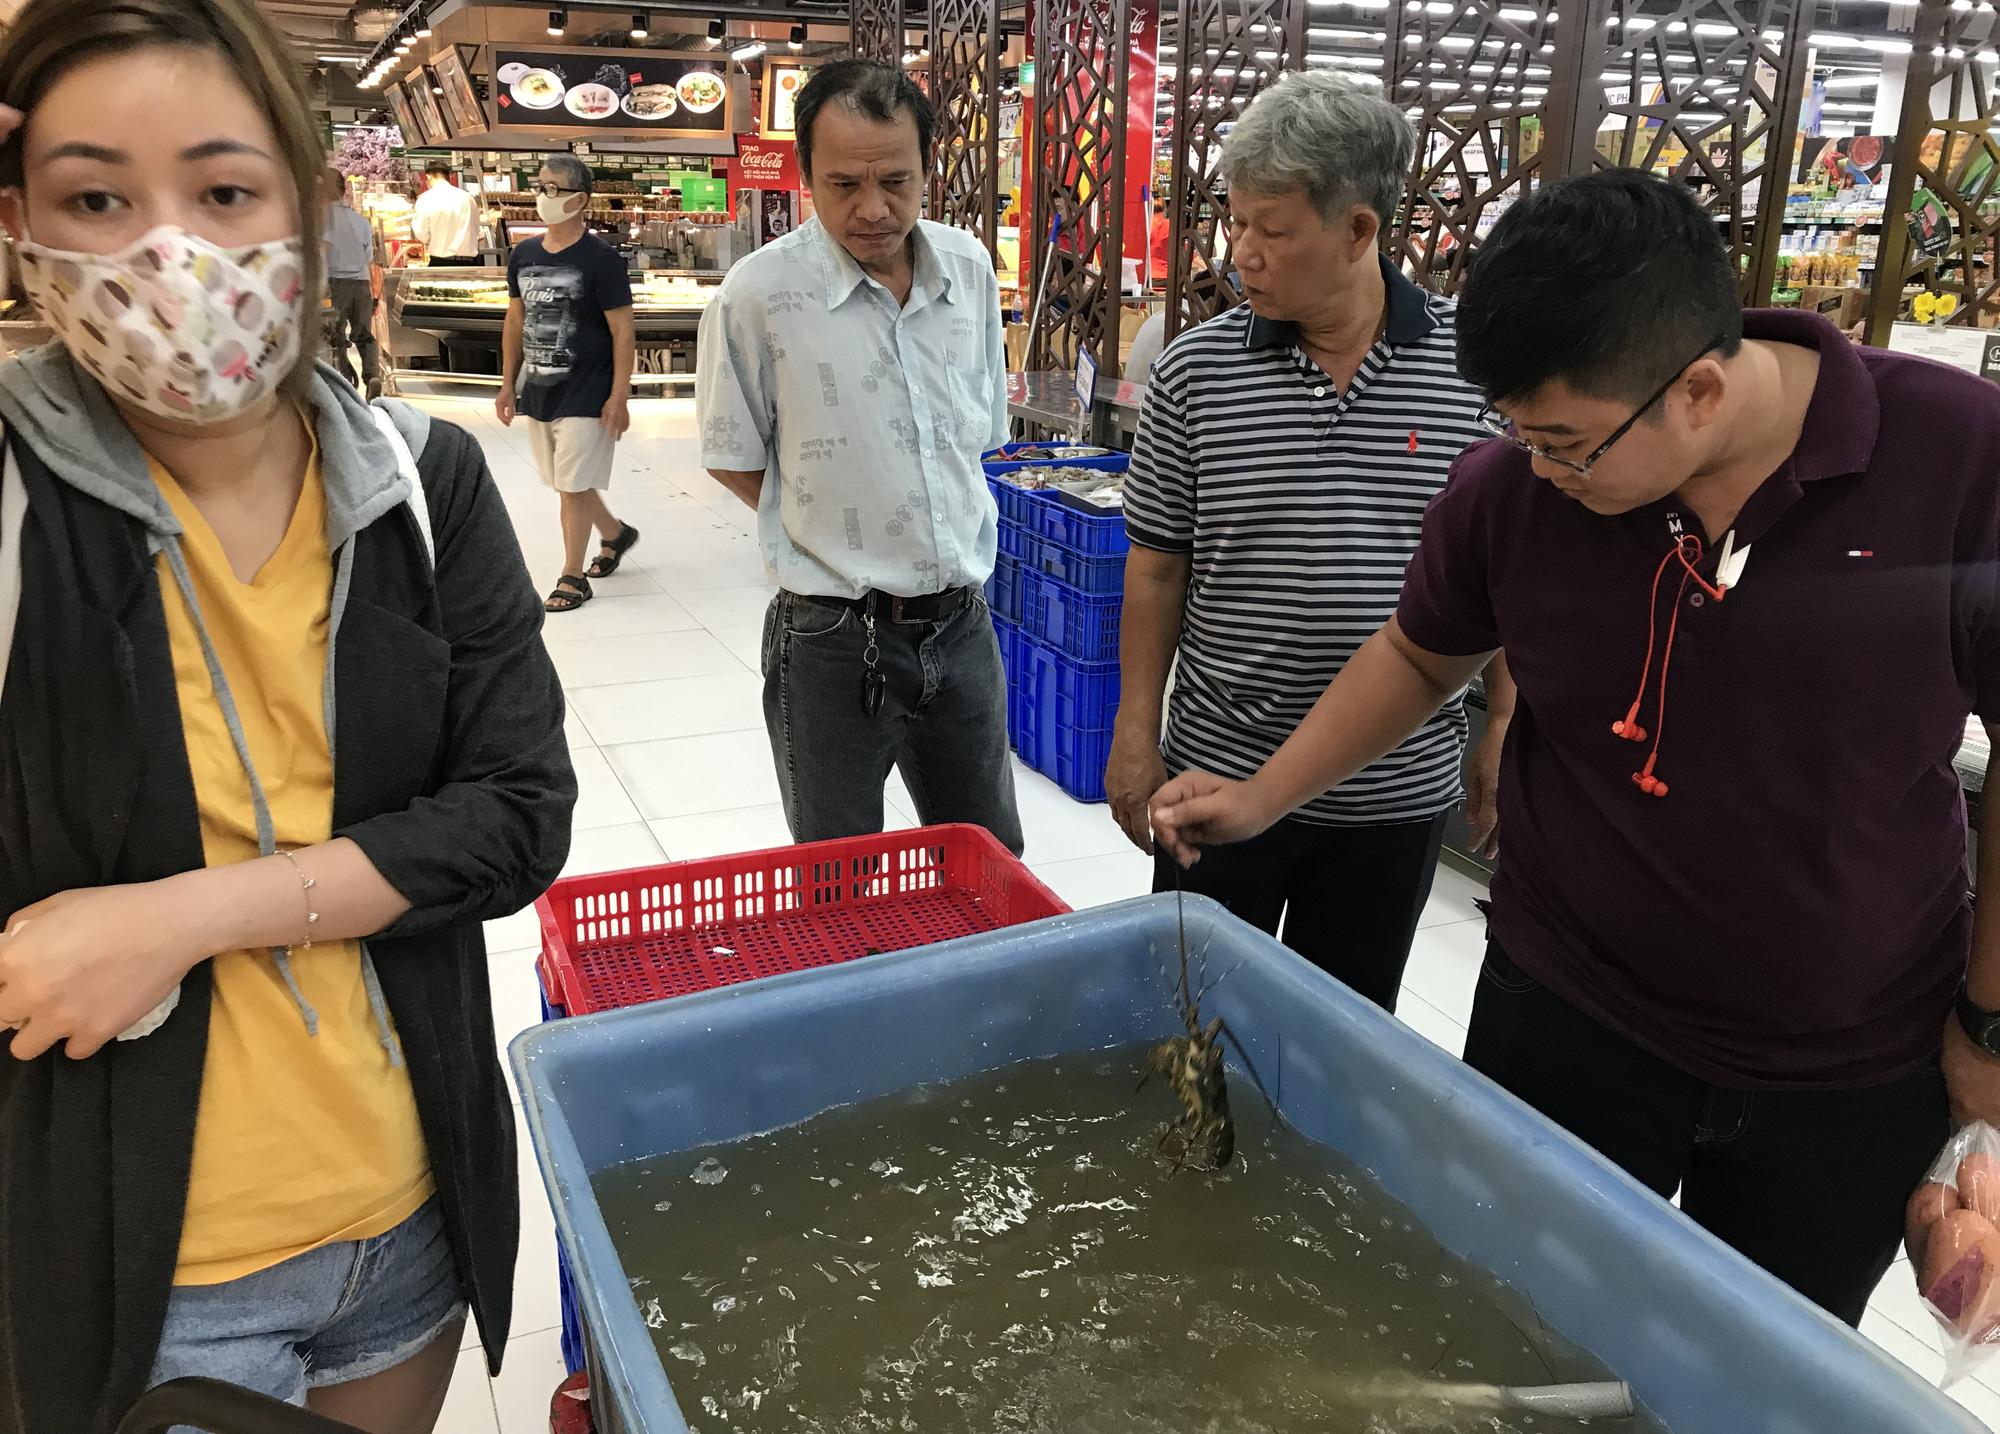 Cận cảnh giải cứu tôm hùm ở Sài Gòn, mới 9h sáng đã hết sạch, có siêu thị chế biến miễn phí cho khách ngay tại chỗ - Ảnh 6.